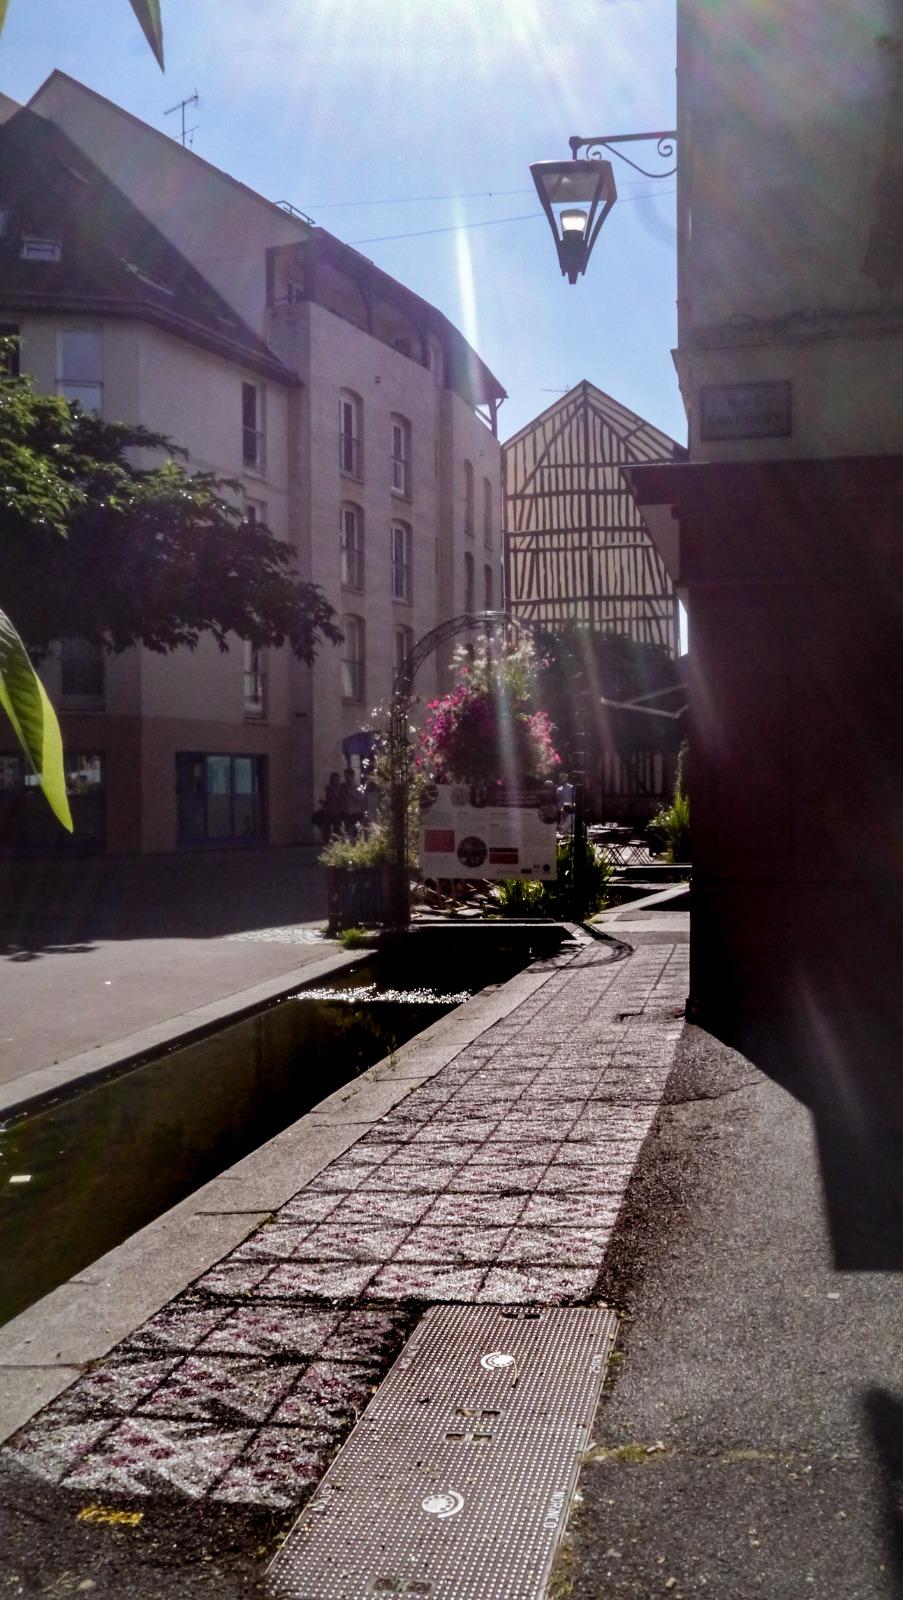 Rue eau de robec rouen maisons en colombage Inkoj street art